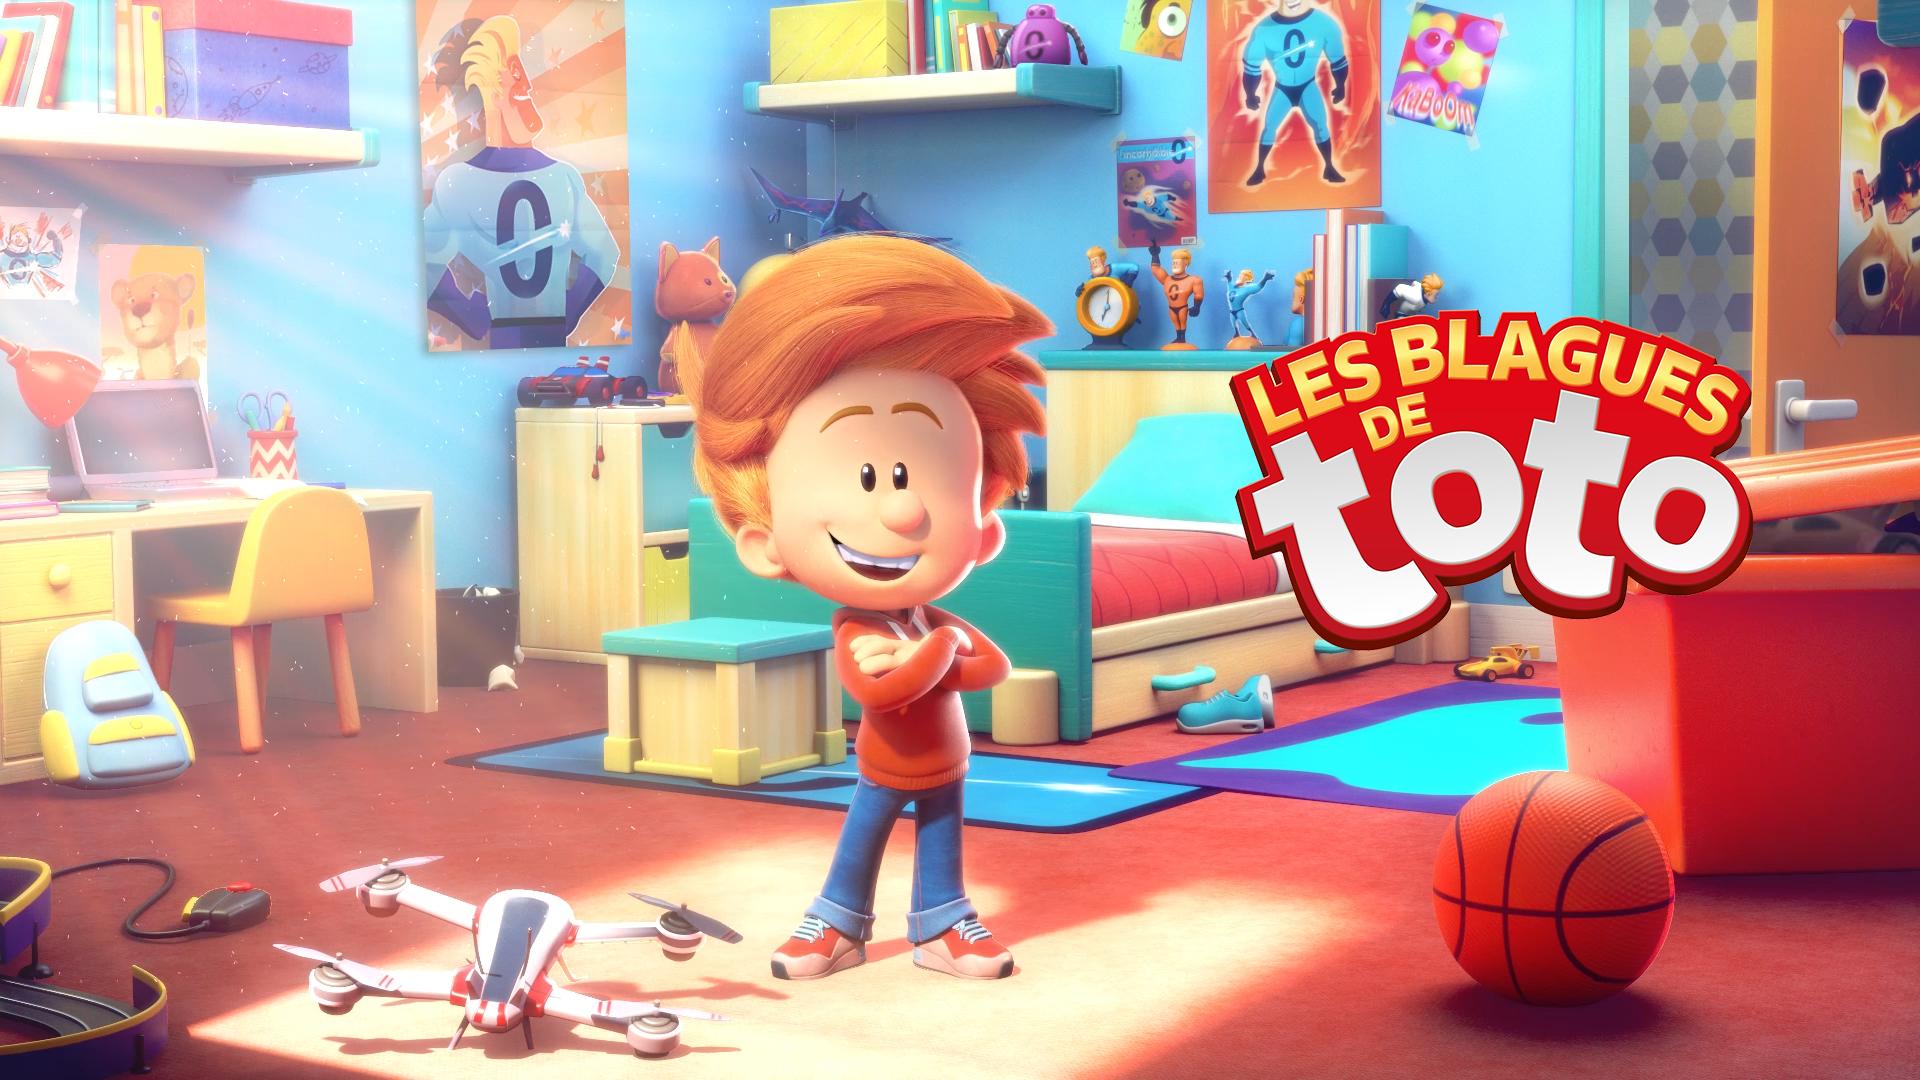 Les Blagues De Toto Superprod Animation Blague De Toto Blague Animation